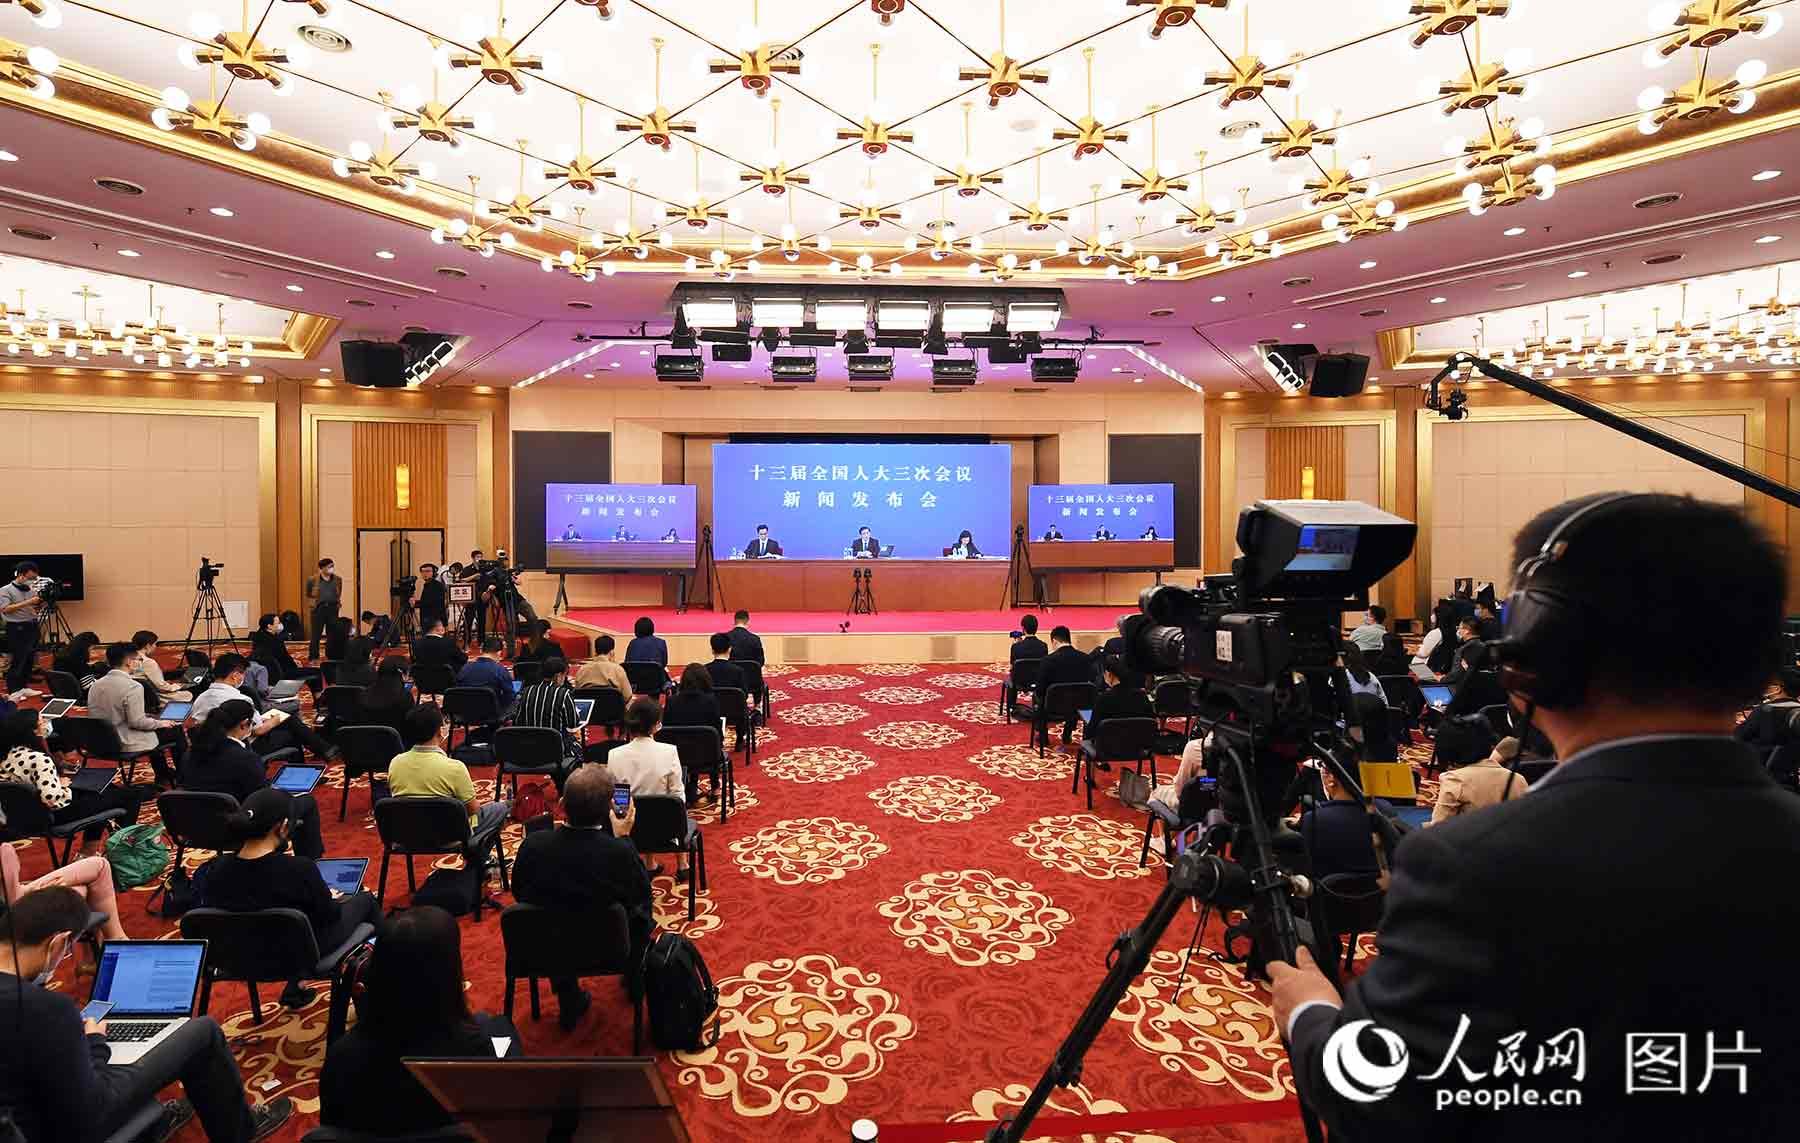 十三届全国人大三次会议新闻发布会现场。人民网记者 翁奇羽 摄